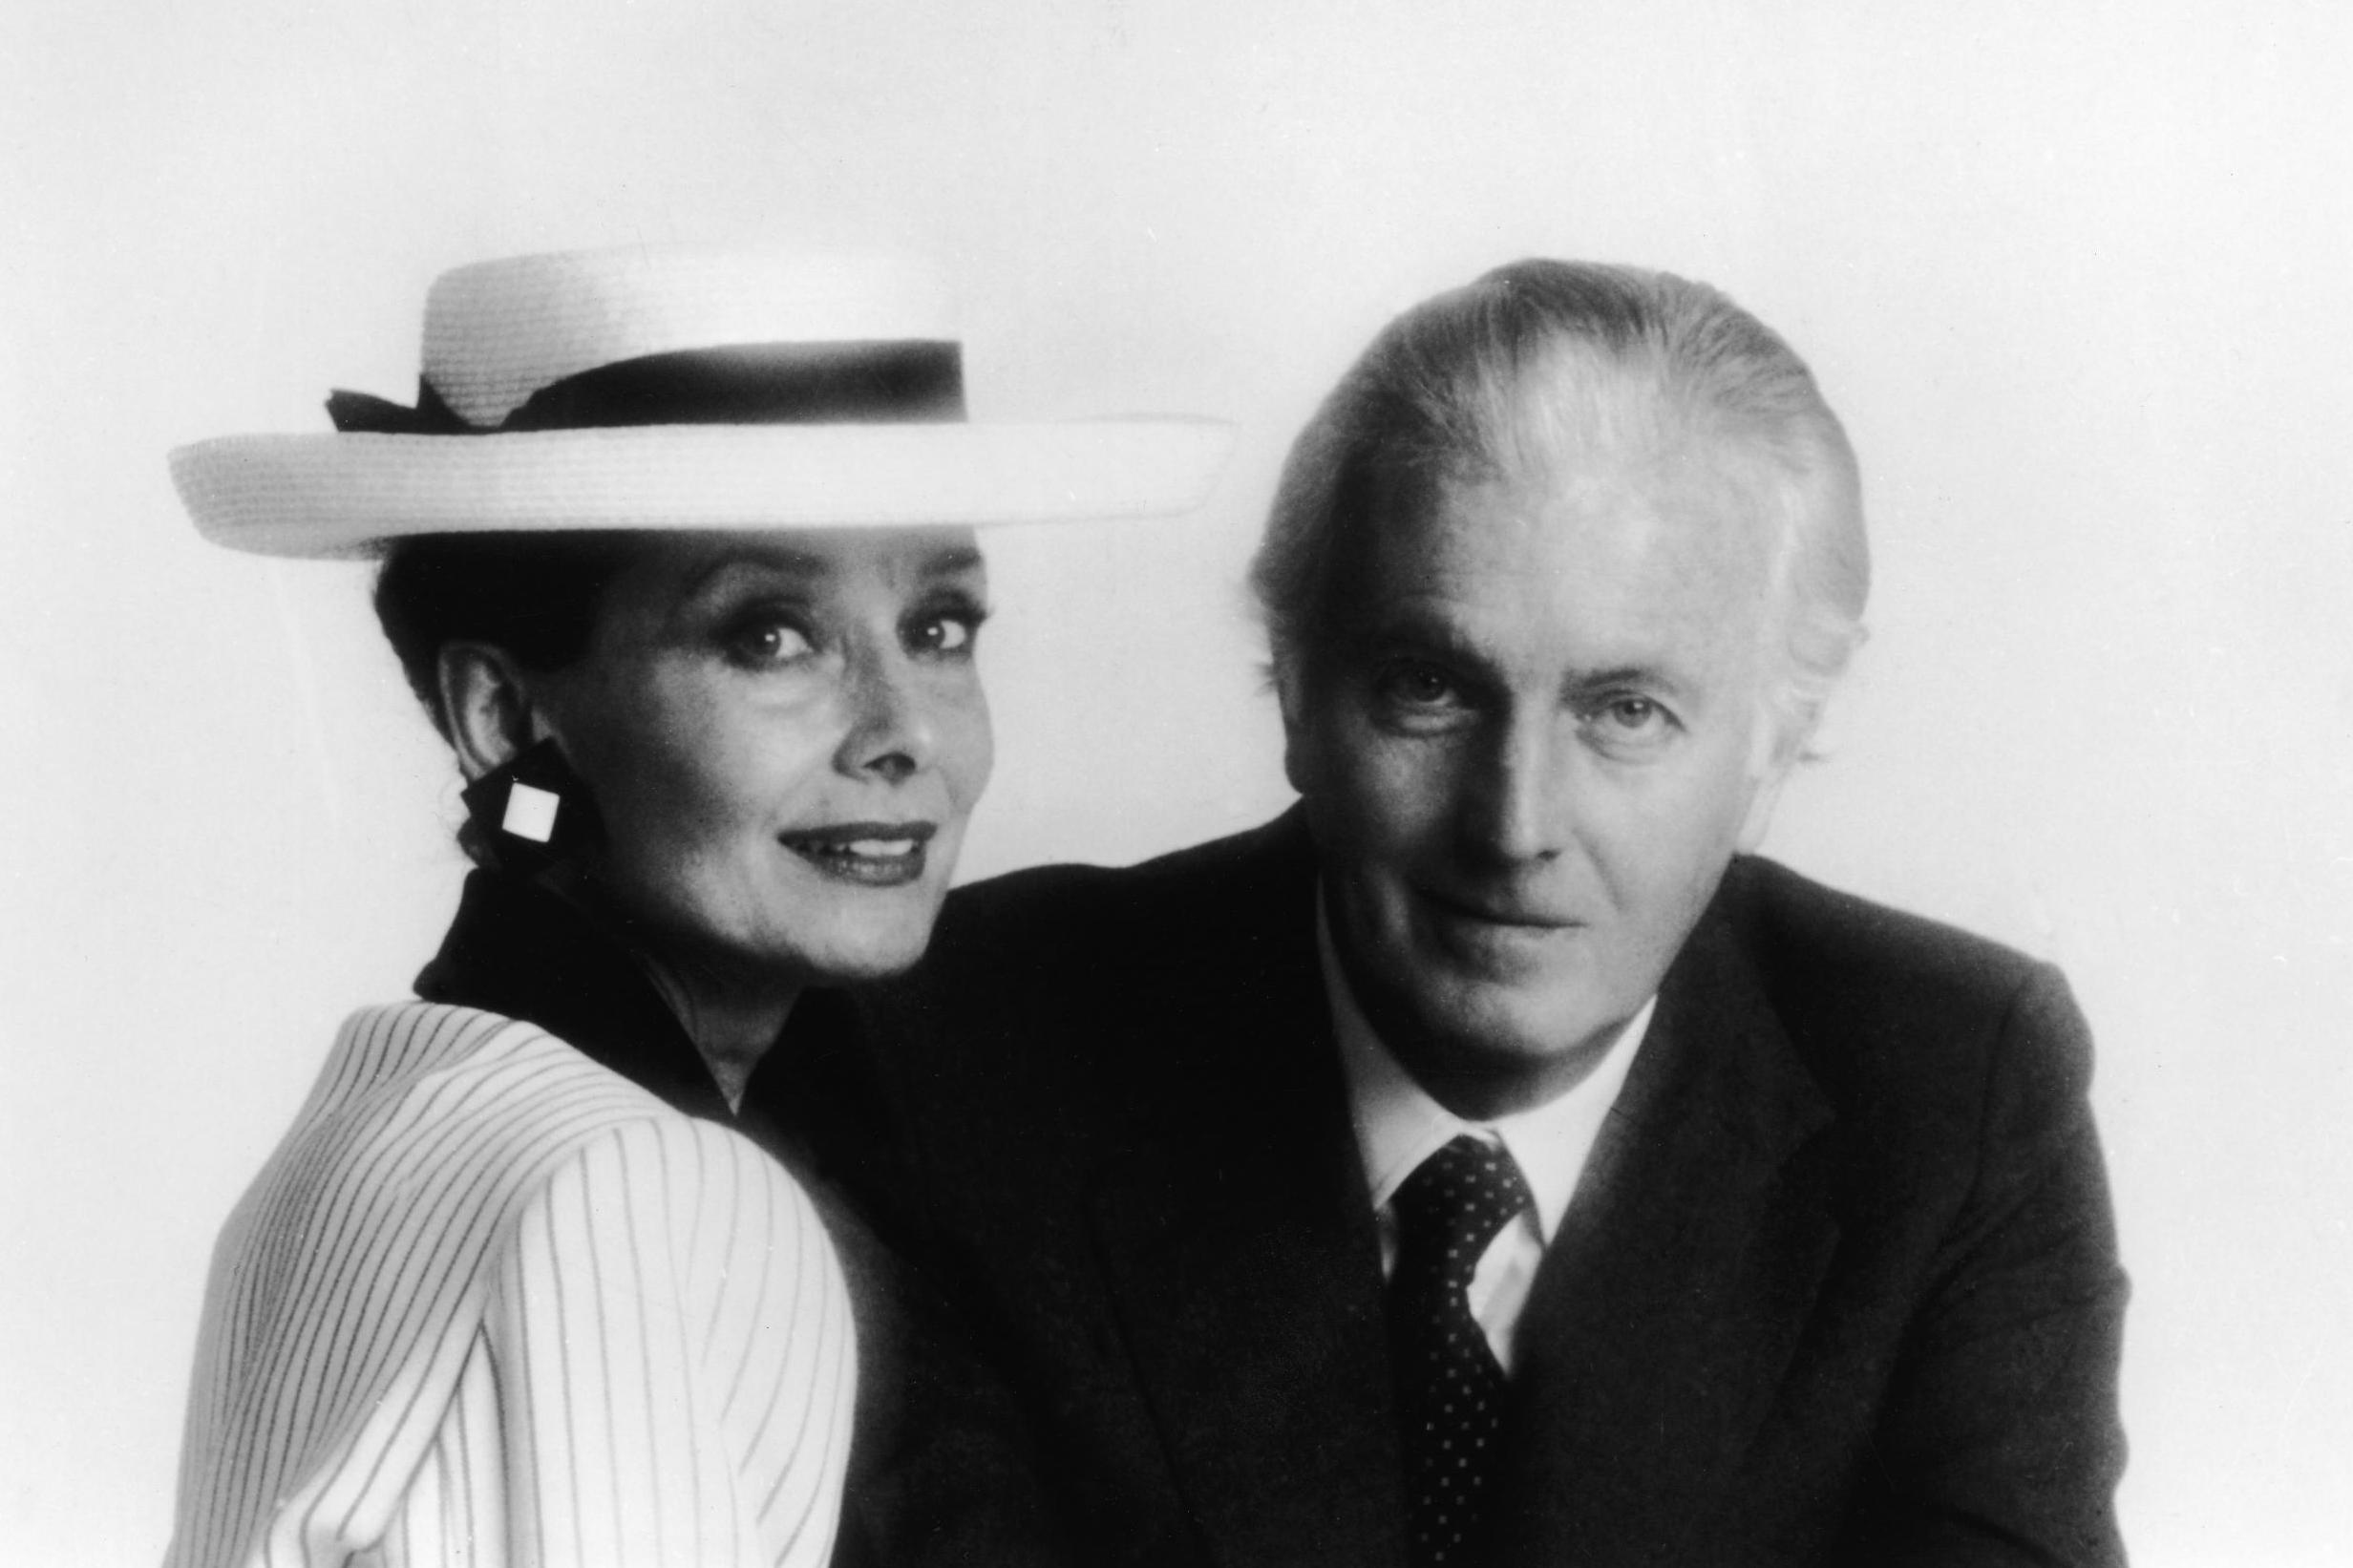 Hubert De Givenchy death: Fashion designer dies aged 91